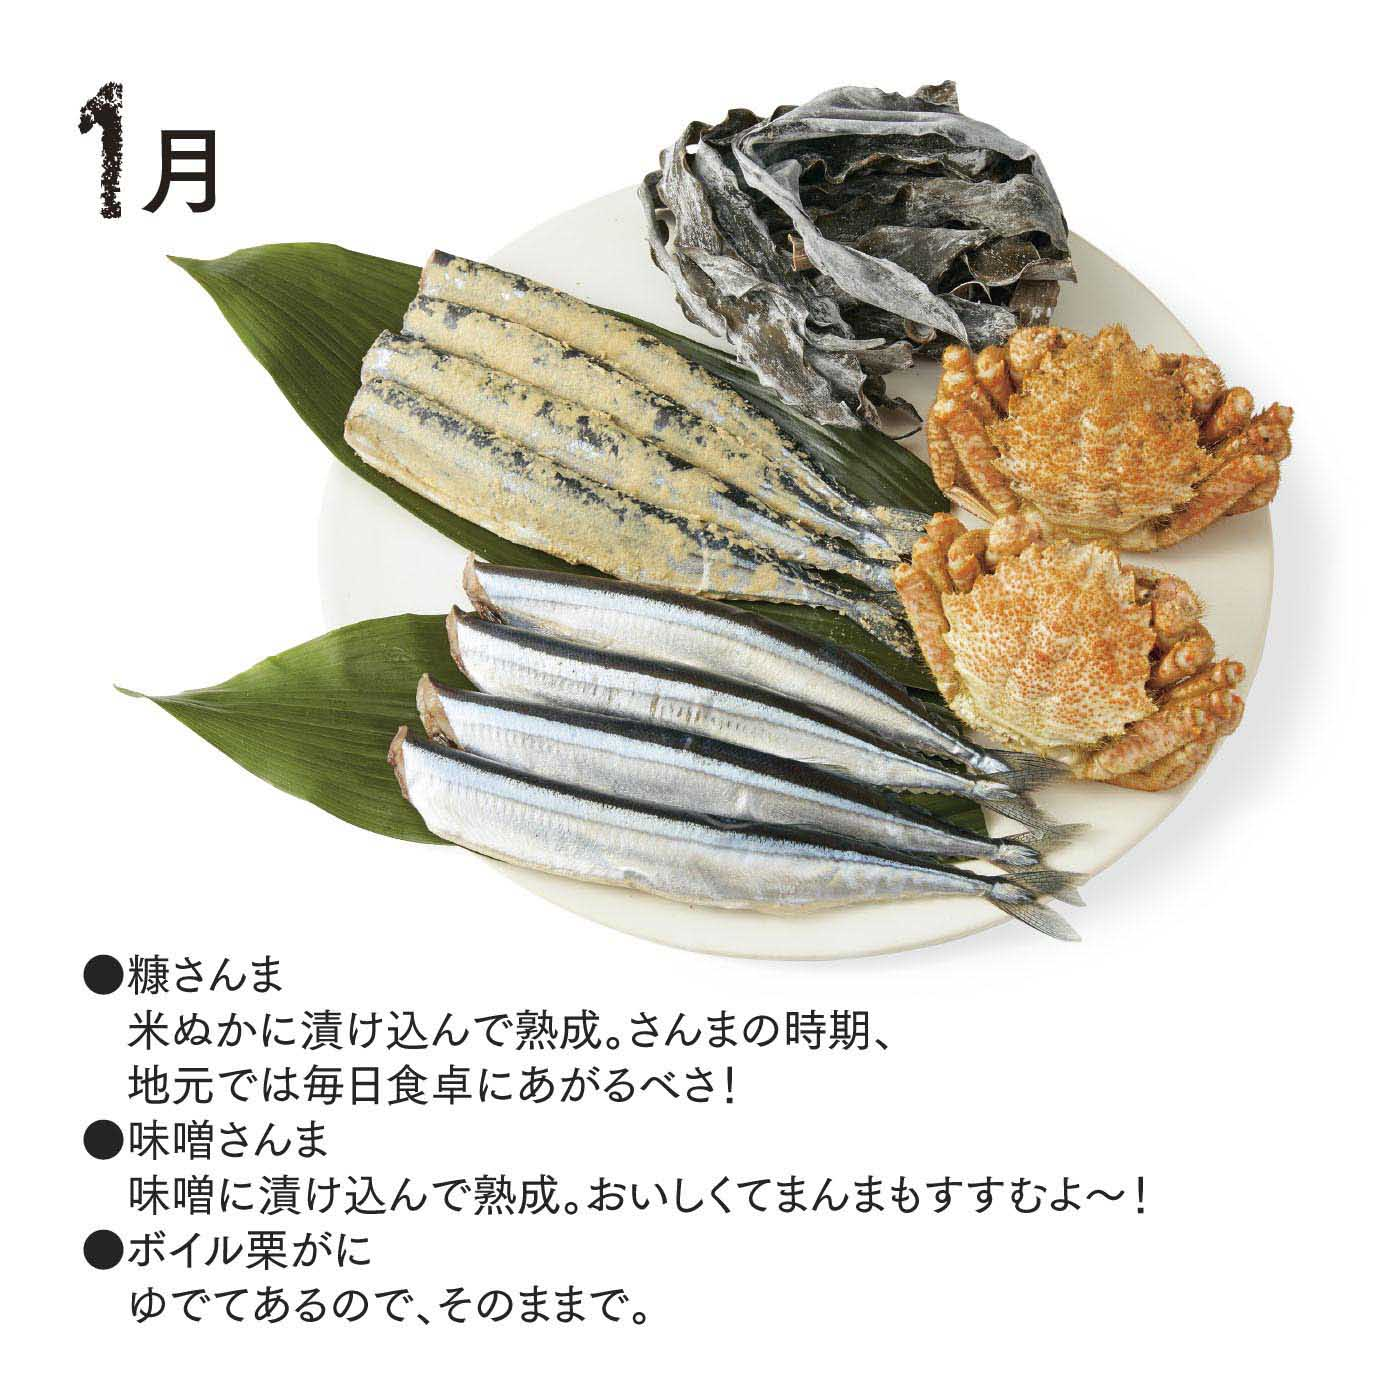 米ぬかに漬け込んで熟成された「糠さんま」は、漁師町に伝わる保存食。うま味がぎゅっと濃縮しておいしい! ひとり占めしたくなる栗がにや、そのまま食べてもおいしいだし昆布、焼くだけでしっとり食感の塩さんまをセットに。